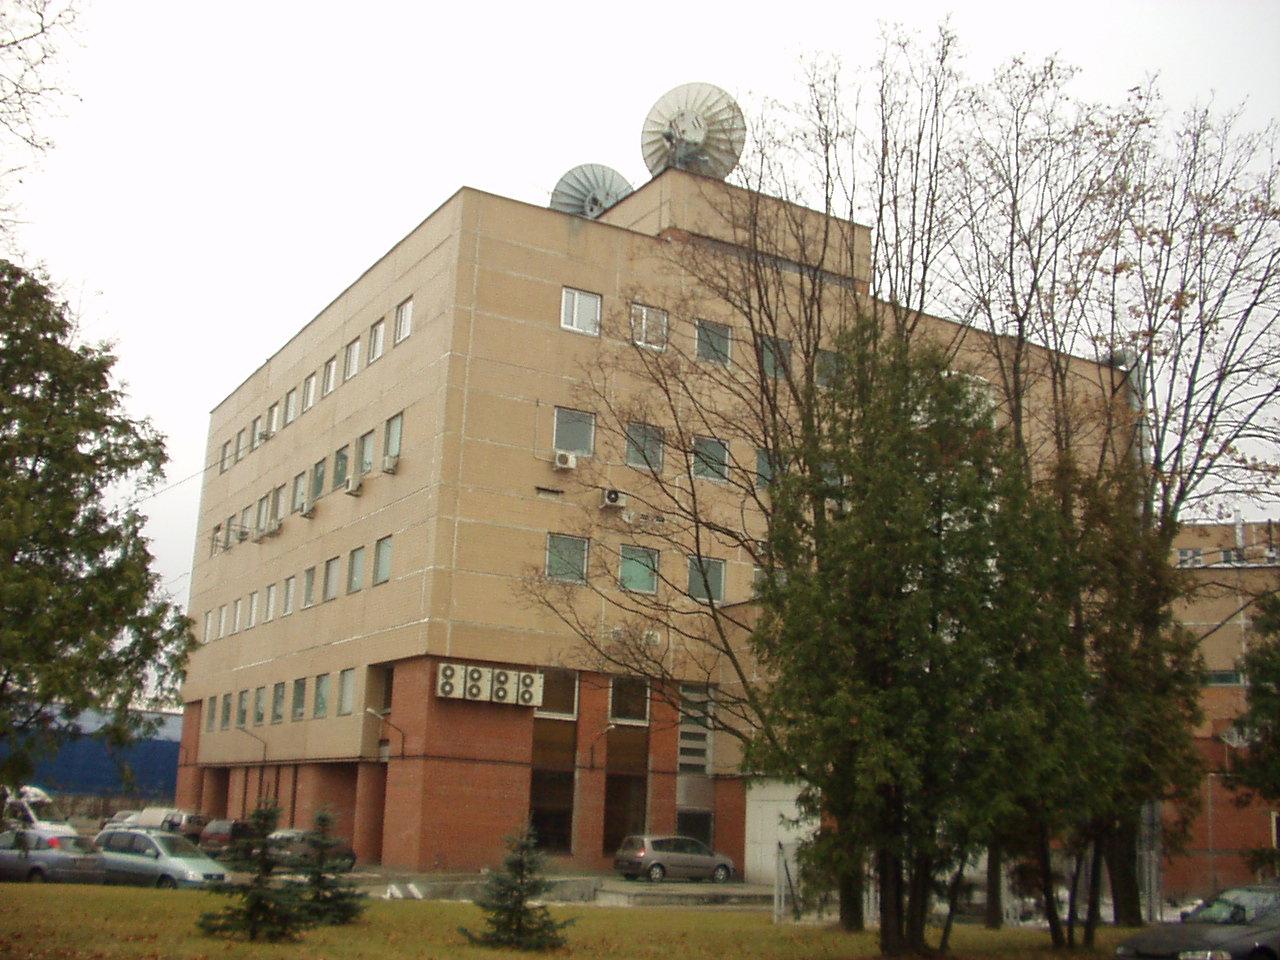 Научно-исследовательский институт стали — википедия. что такое научно-исследовательский институт стали